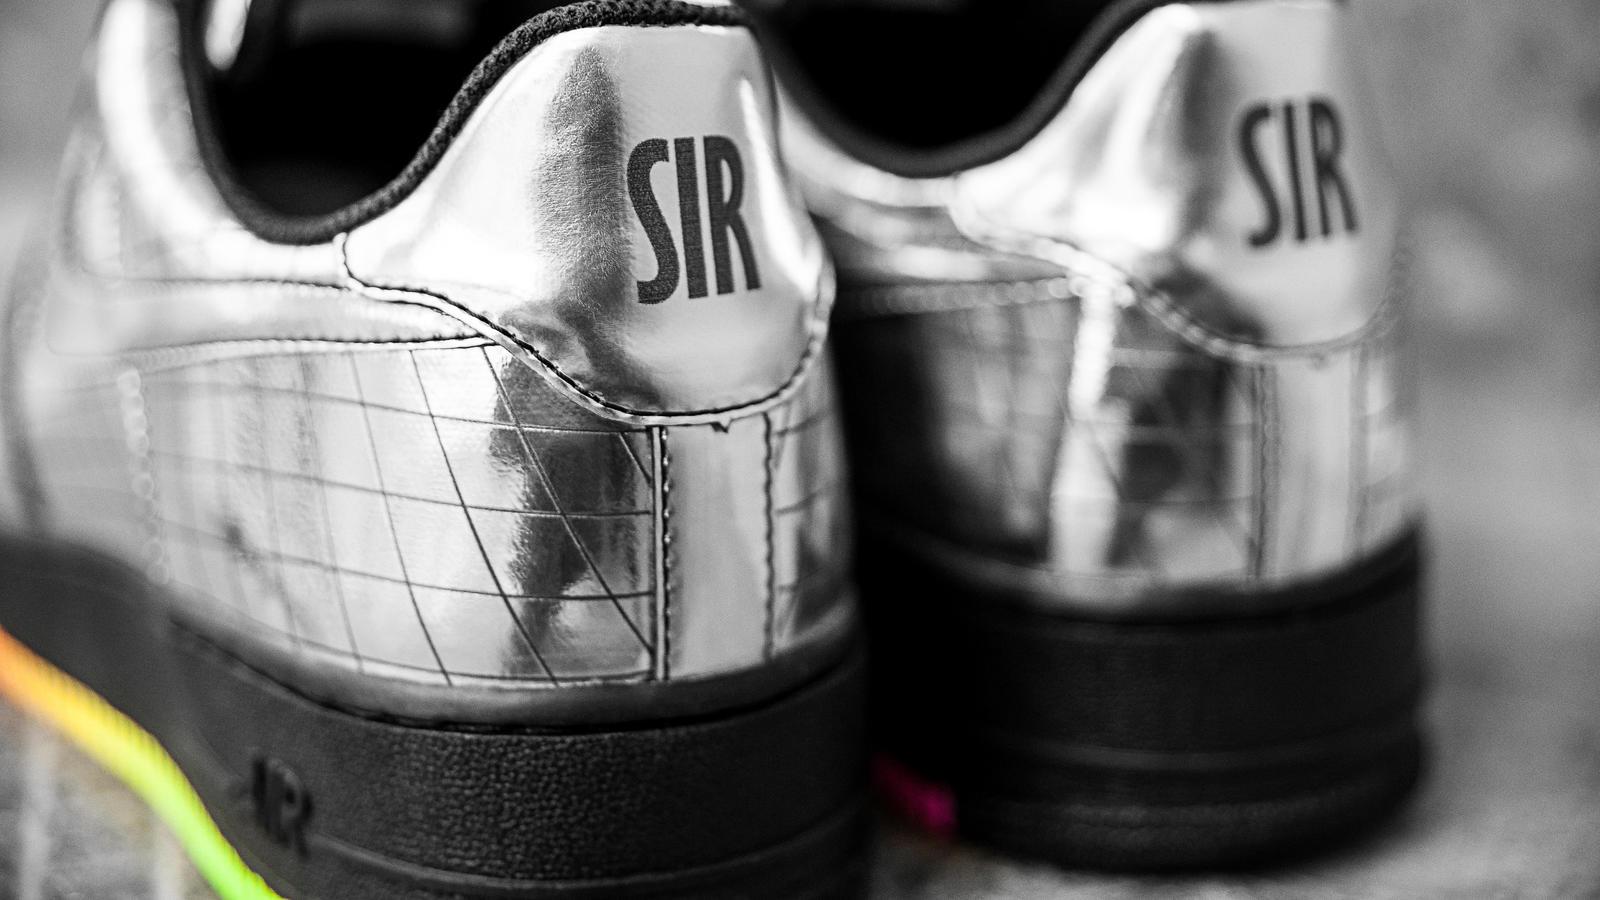 Nike-AF1-Jet-PE-Elton-John-4_hd_1600.jpg